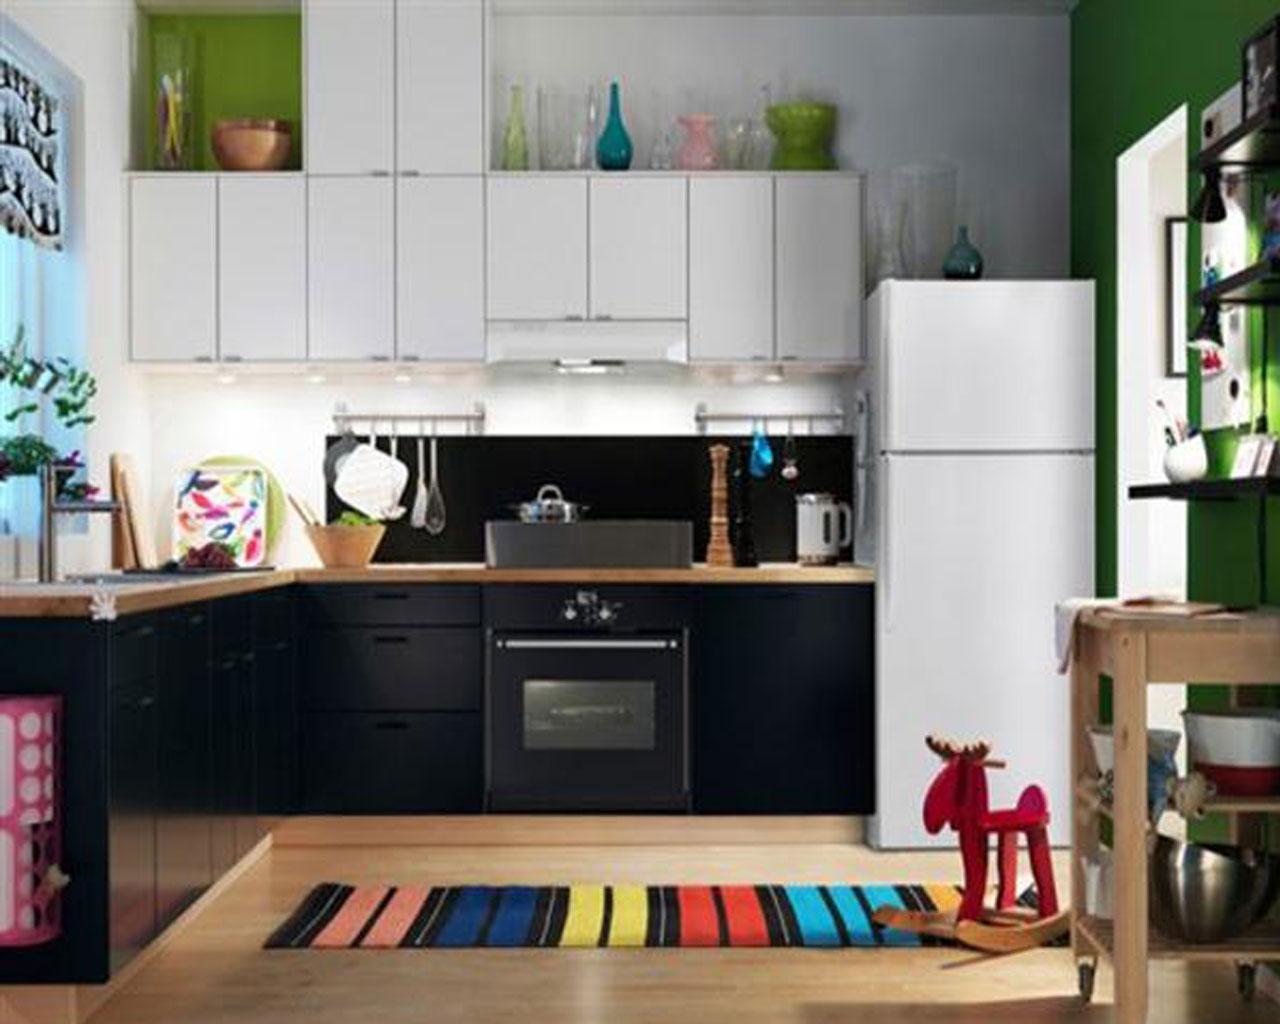 Ikea Kitchen Cabinets For Amazing Kitchen Design In Kitchen